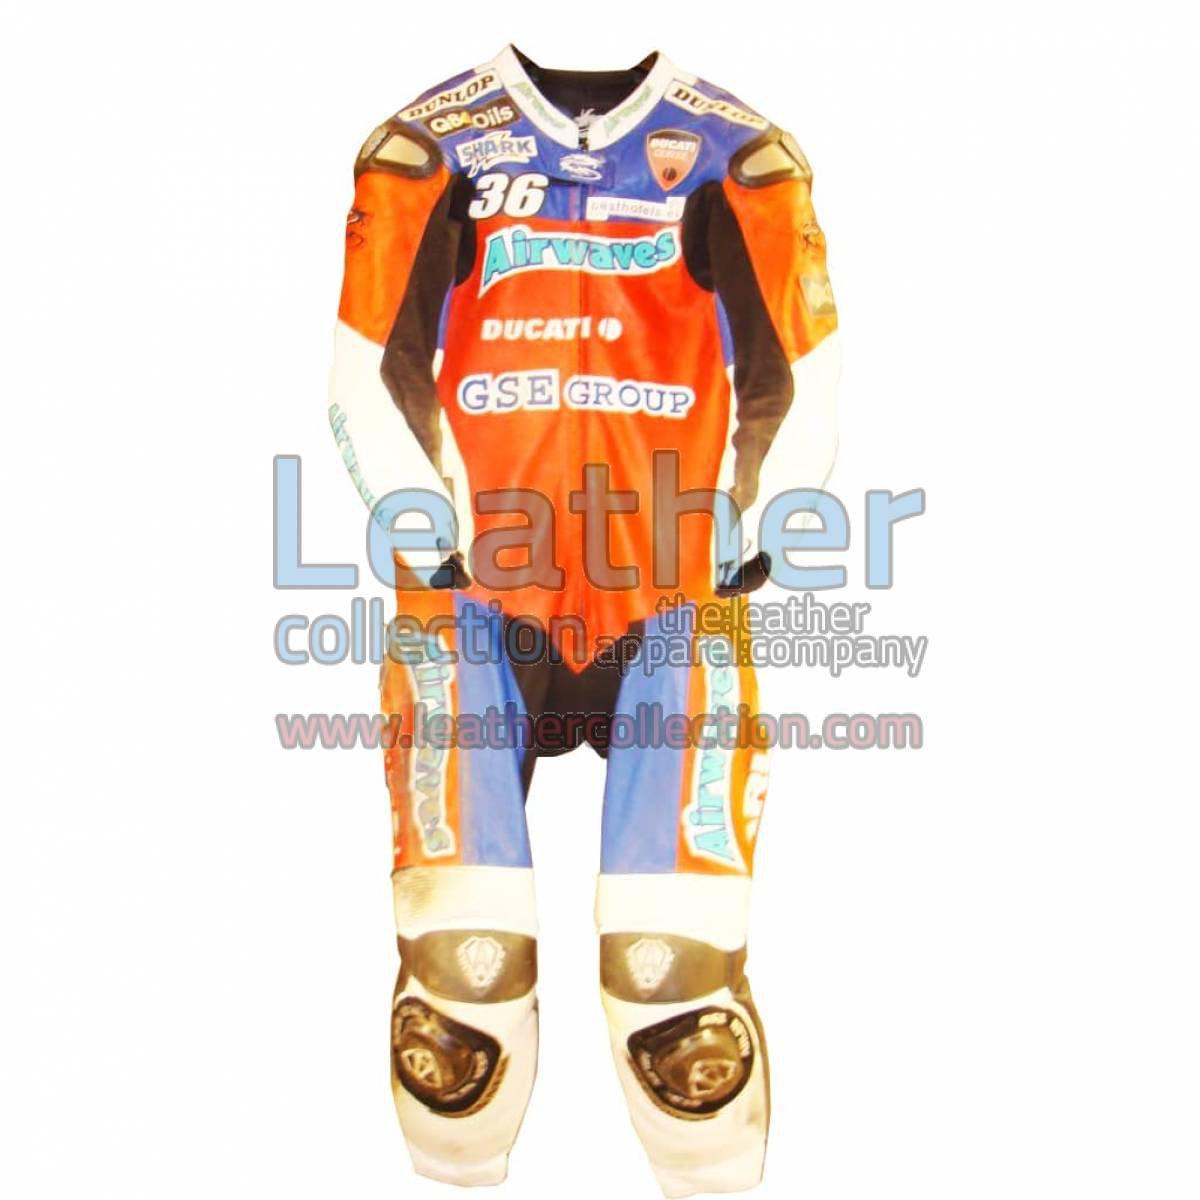 Gregorio Lavilla Ducati BSB 2005 Race Suit